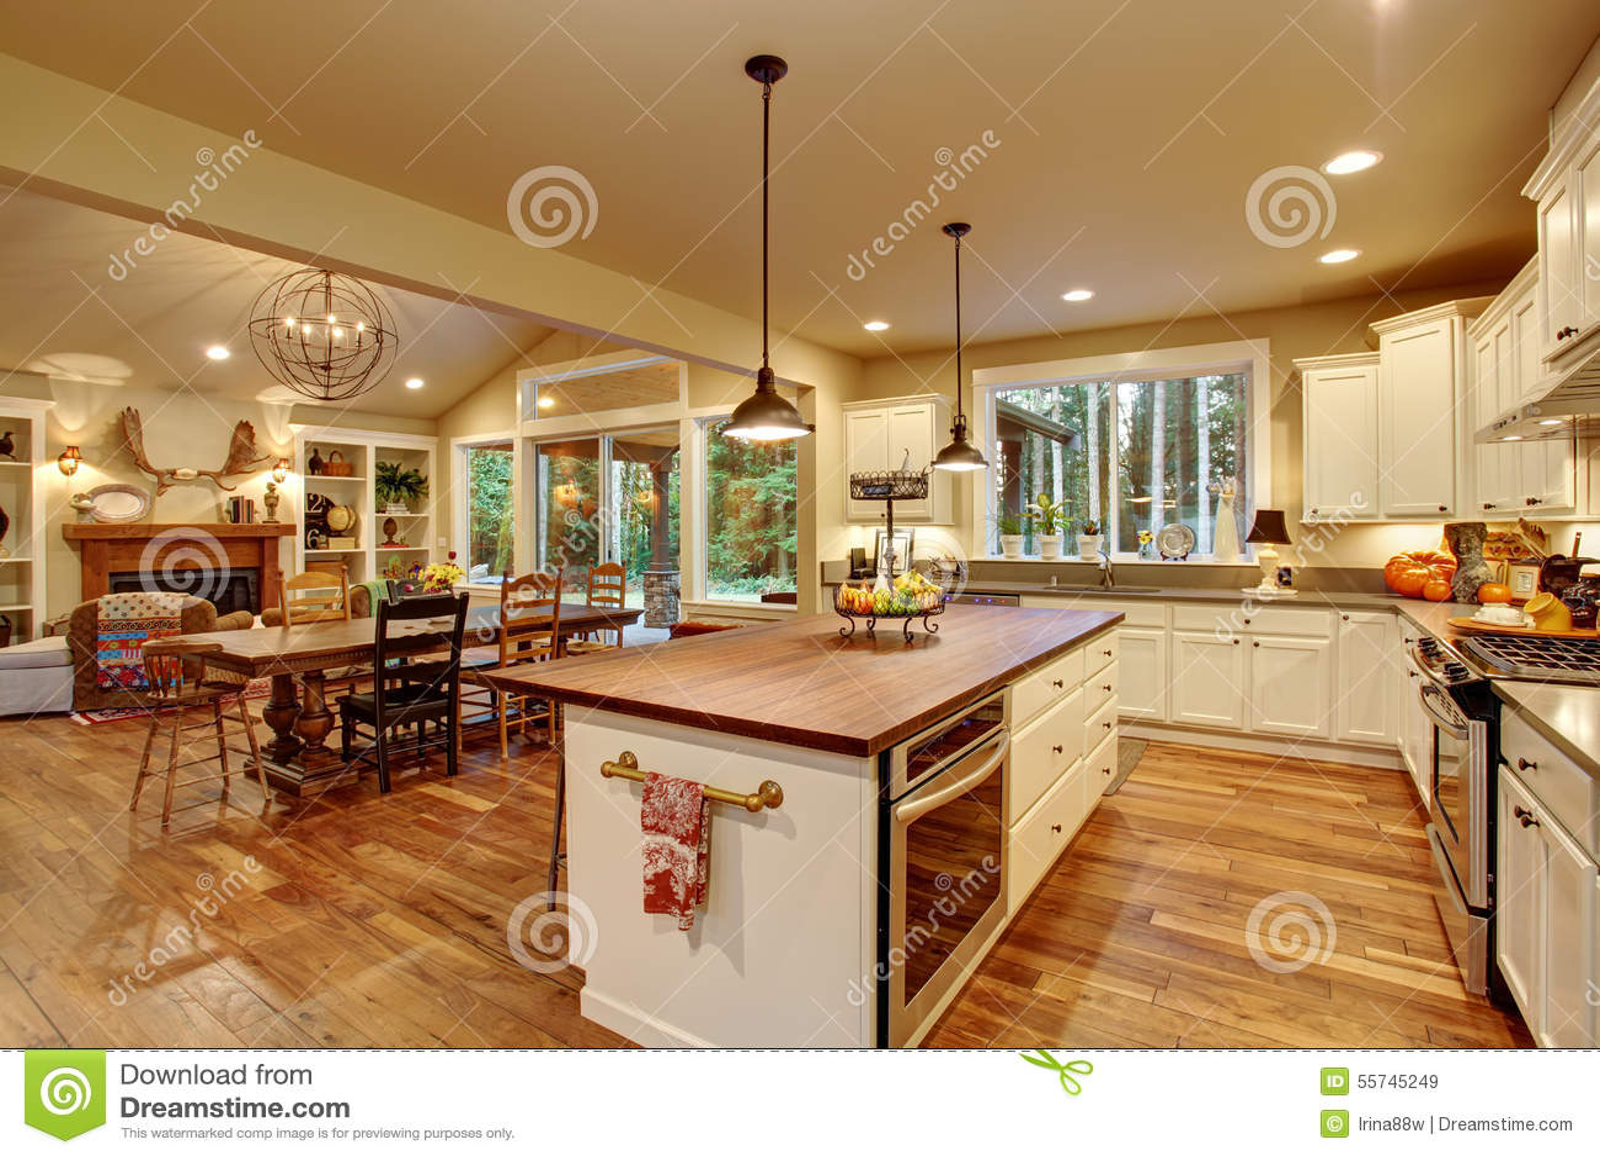 Cozinha Cl Ssica Com Assoalho De Folhosa E Uma Ilha Imagem De Stock